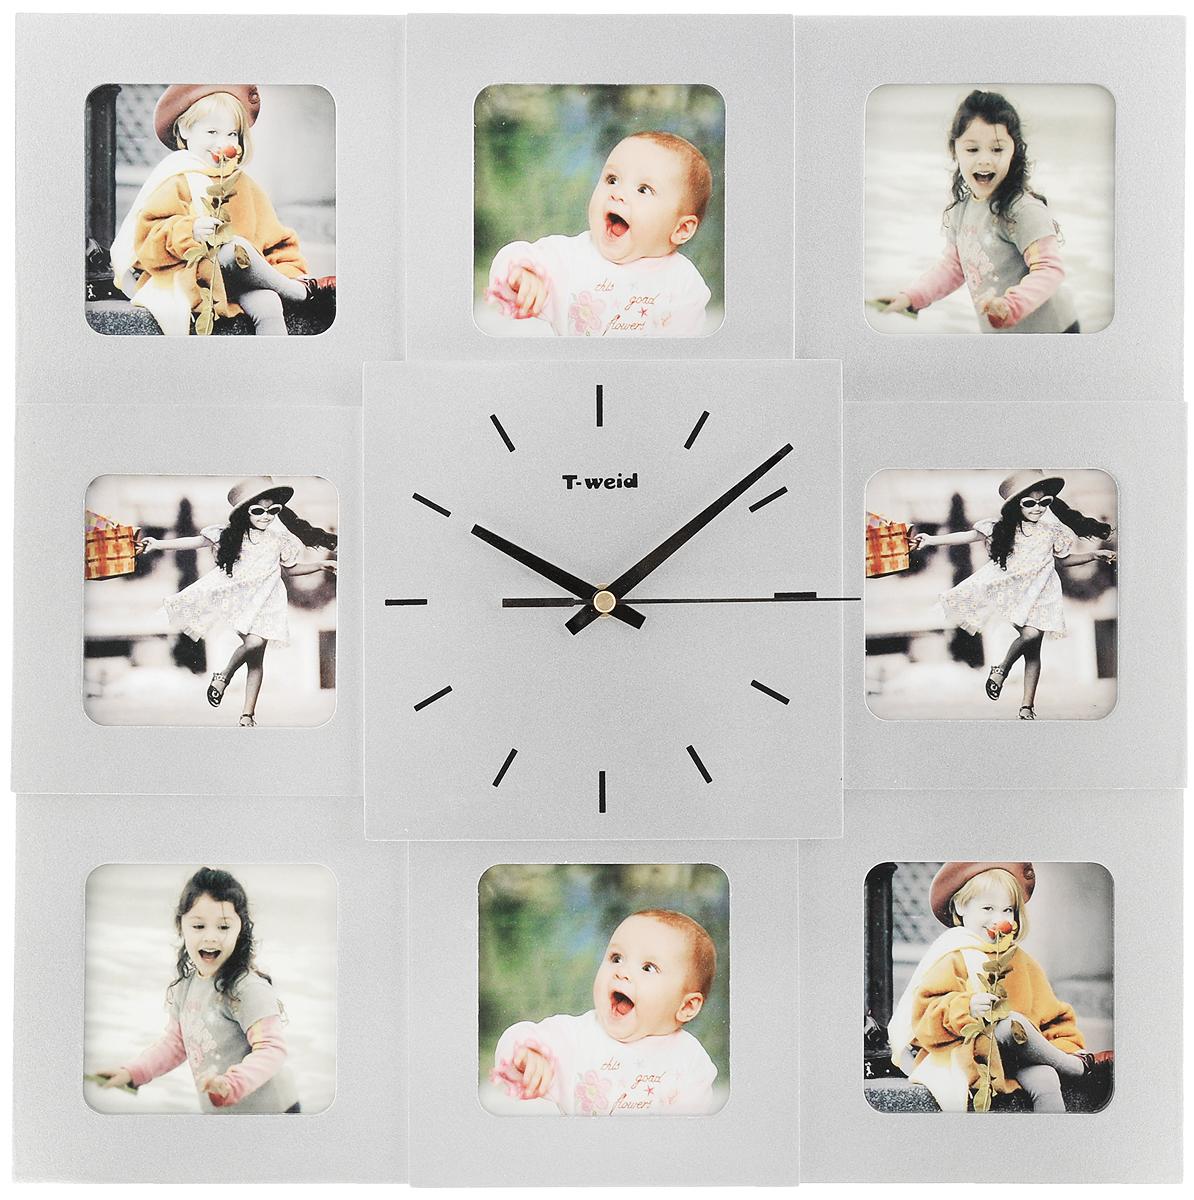 Часы настенные HomeMaster, с 8 фоторамками, цвет: серебристый54 009303Настенные часы HomeMaster кварцевые с фоторамками - это прекрасный предмет декора, а также универсальный подарок практически по любому поводу. Корпус часов, выполнен из дерева с серебристым матовым покрытием и оформлен восемью фоторамками.Циферблат часов оснащен тремя стрелками: часовой, минутной и секундной. Метки нанесены черной краской на серебристом фоне. На задней стенке часов расположена металлическая петелька для подвешивания и блок с часовым механизмом. Часы с фоторамками прекрасно впишутся в любой интерьер. В зависимости оттого, что вы поместите в рамки, будет меняться и стиль часов. Тип механизма: плавающий, бесшумный. Рекомендуется докупить батарейку типа АА (не входит в комплект). Размер изделия: 40 х 40 х 5 см.Размер фоторамок: 8,5 х 8,5 см.